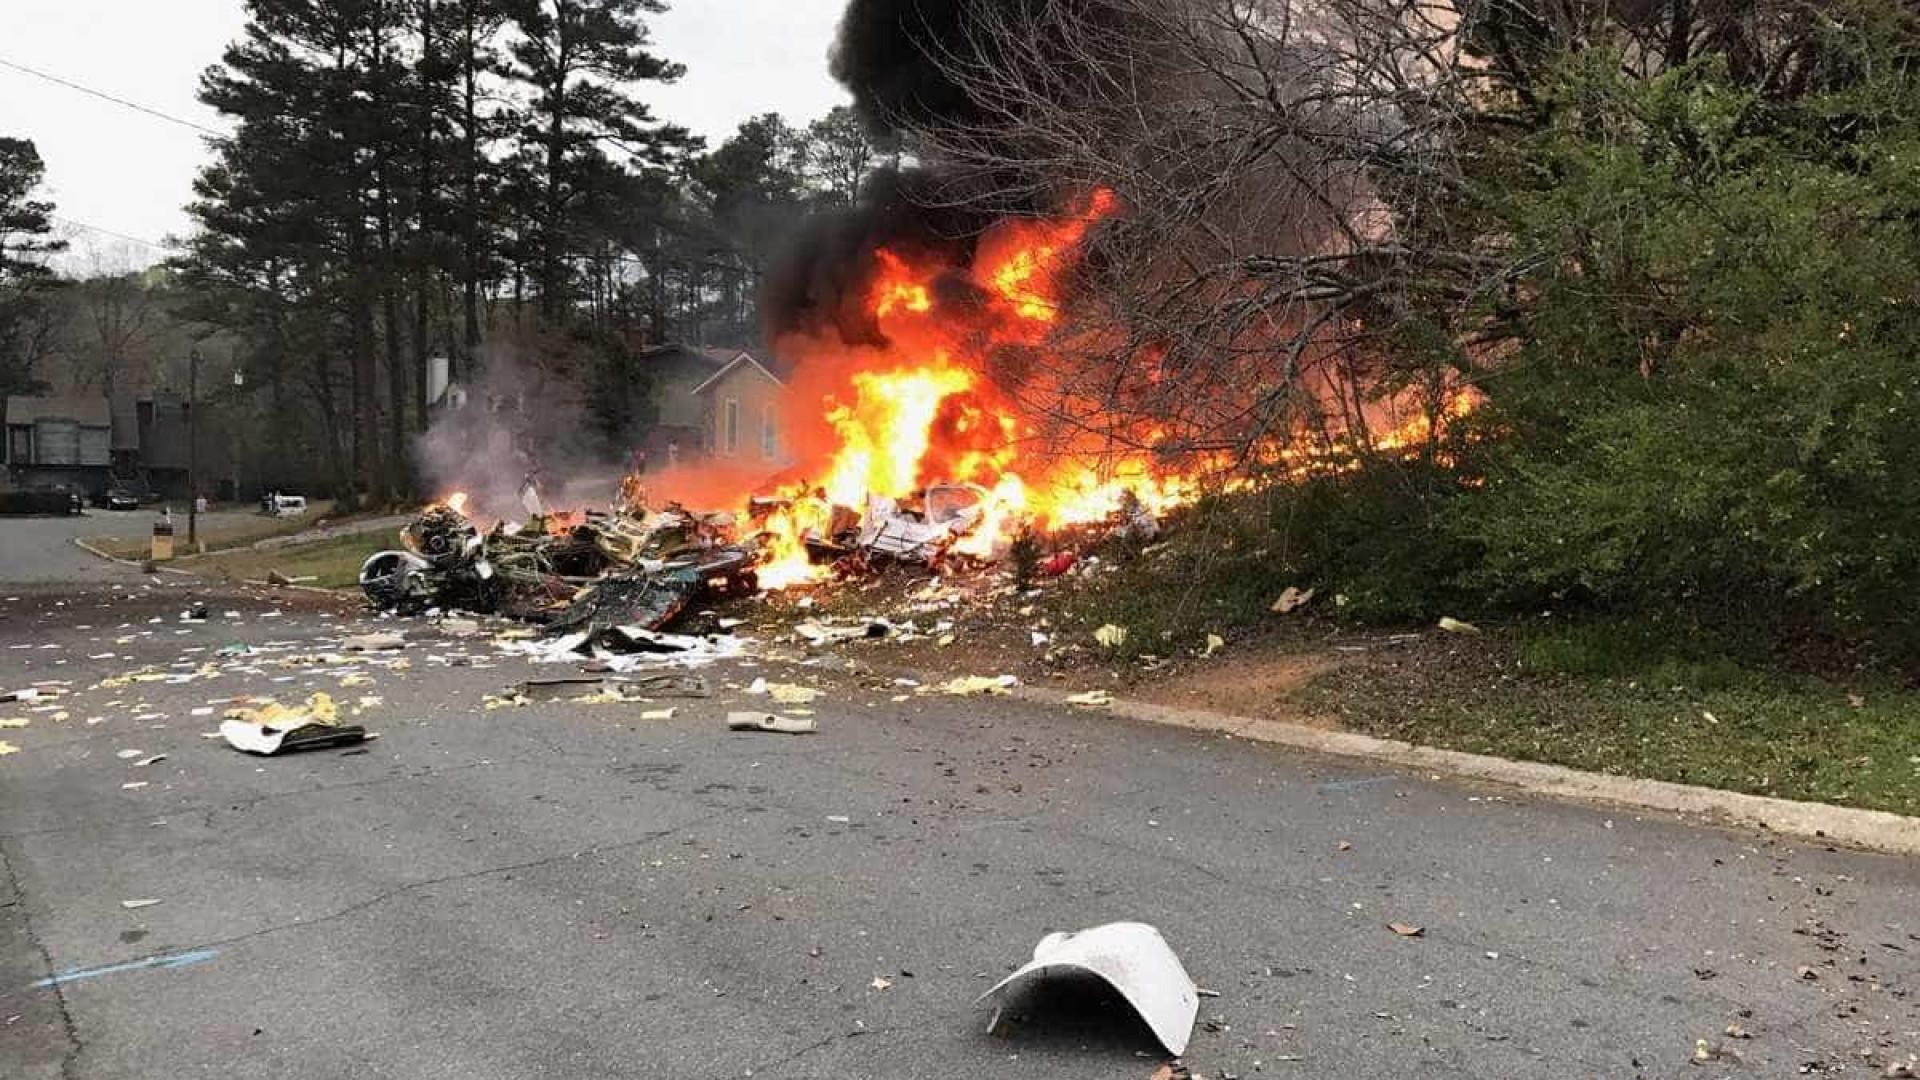 Avião cai sobre casa nos EUA; imóvel explodiu com o impacto